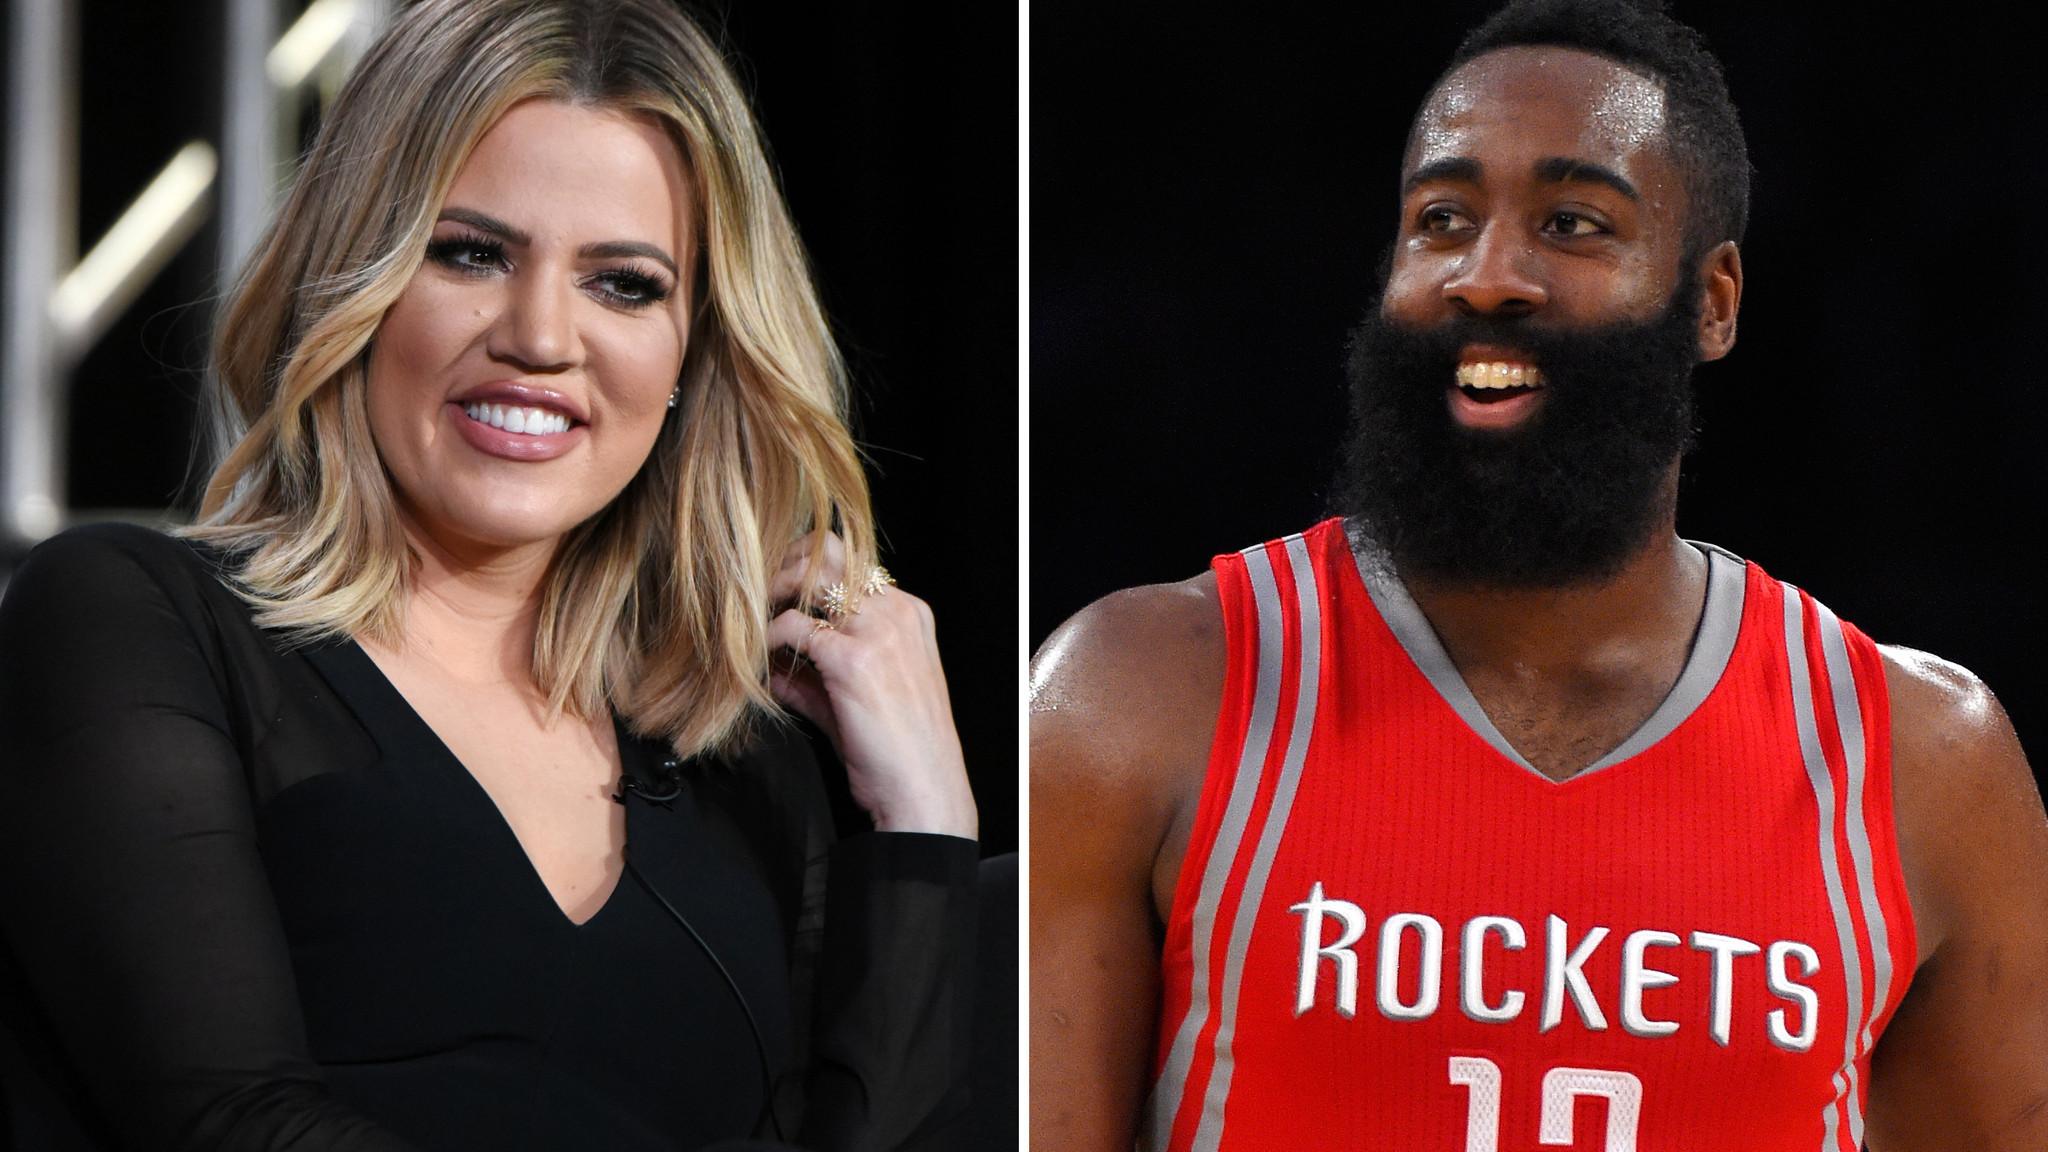 Khloe kardashian and james harden have split up la times